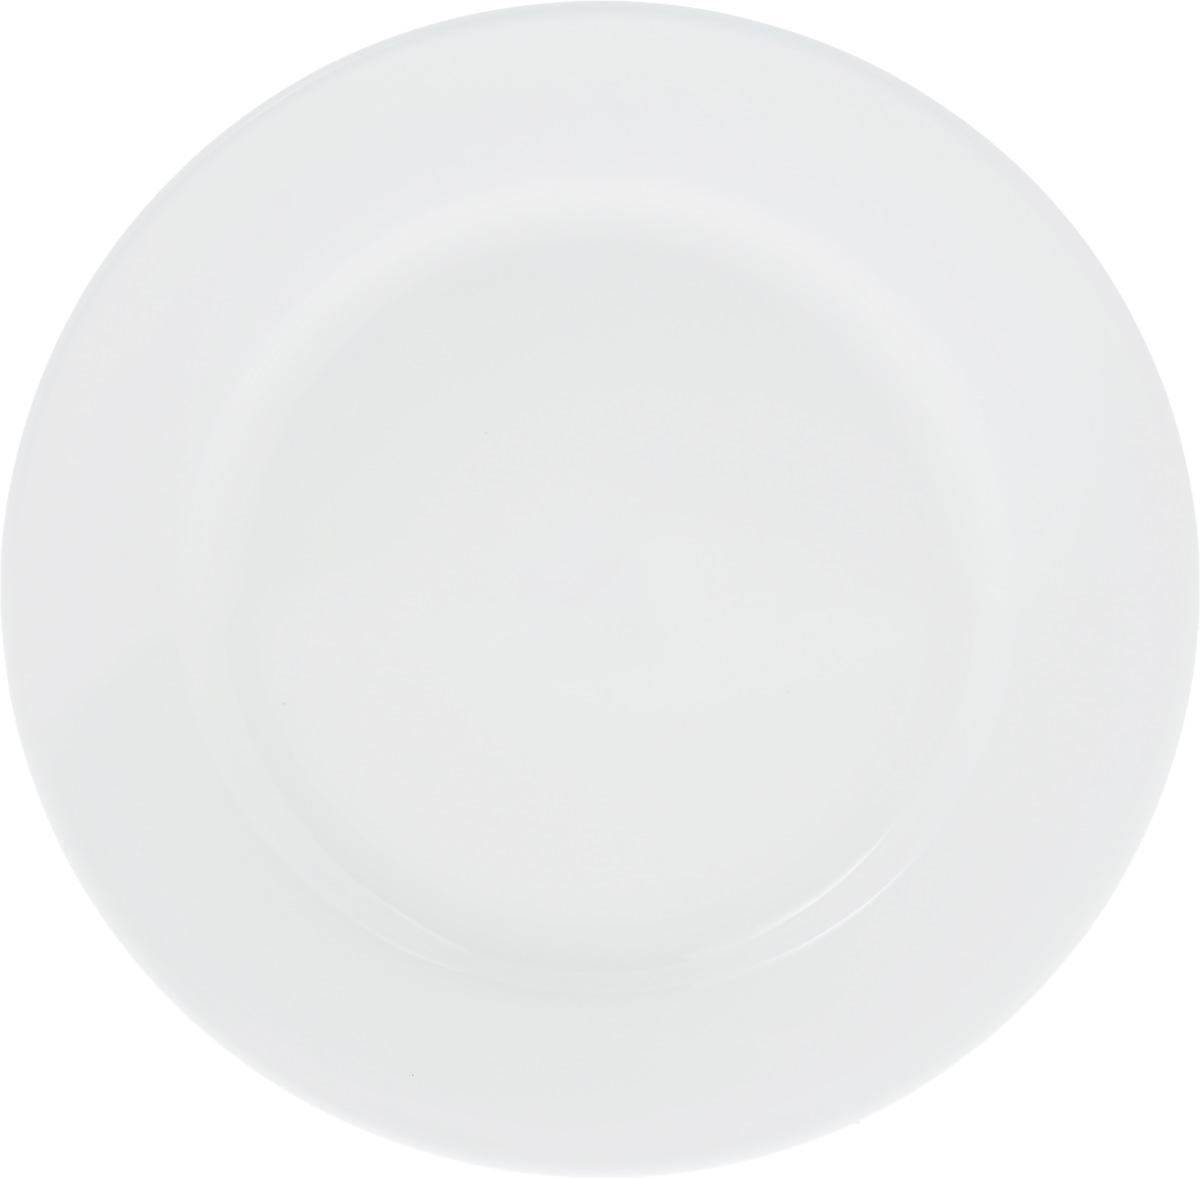 Тарелка Wilmax, диаметр 18 см. WL-991177 / AWL-991177 / AТарелка Wilmax, выполненная из высококачественного фарфора, имеет классическую круглую форму. Изделие идеально подойдет для сервировки стола и станет отличным подарком к любому празднику.